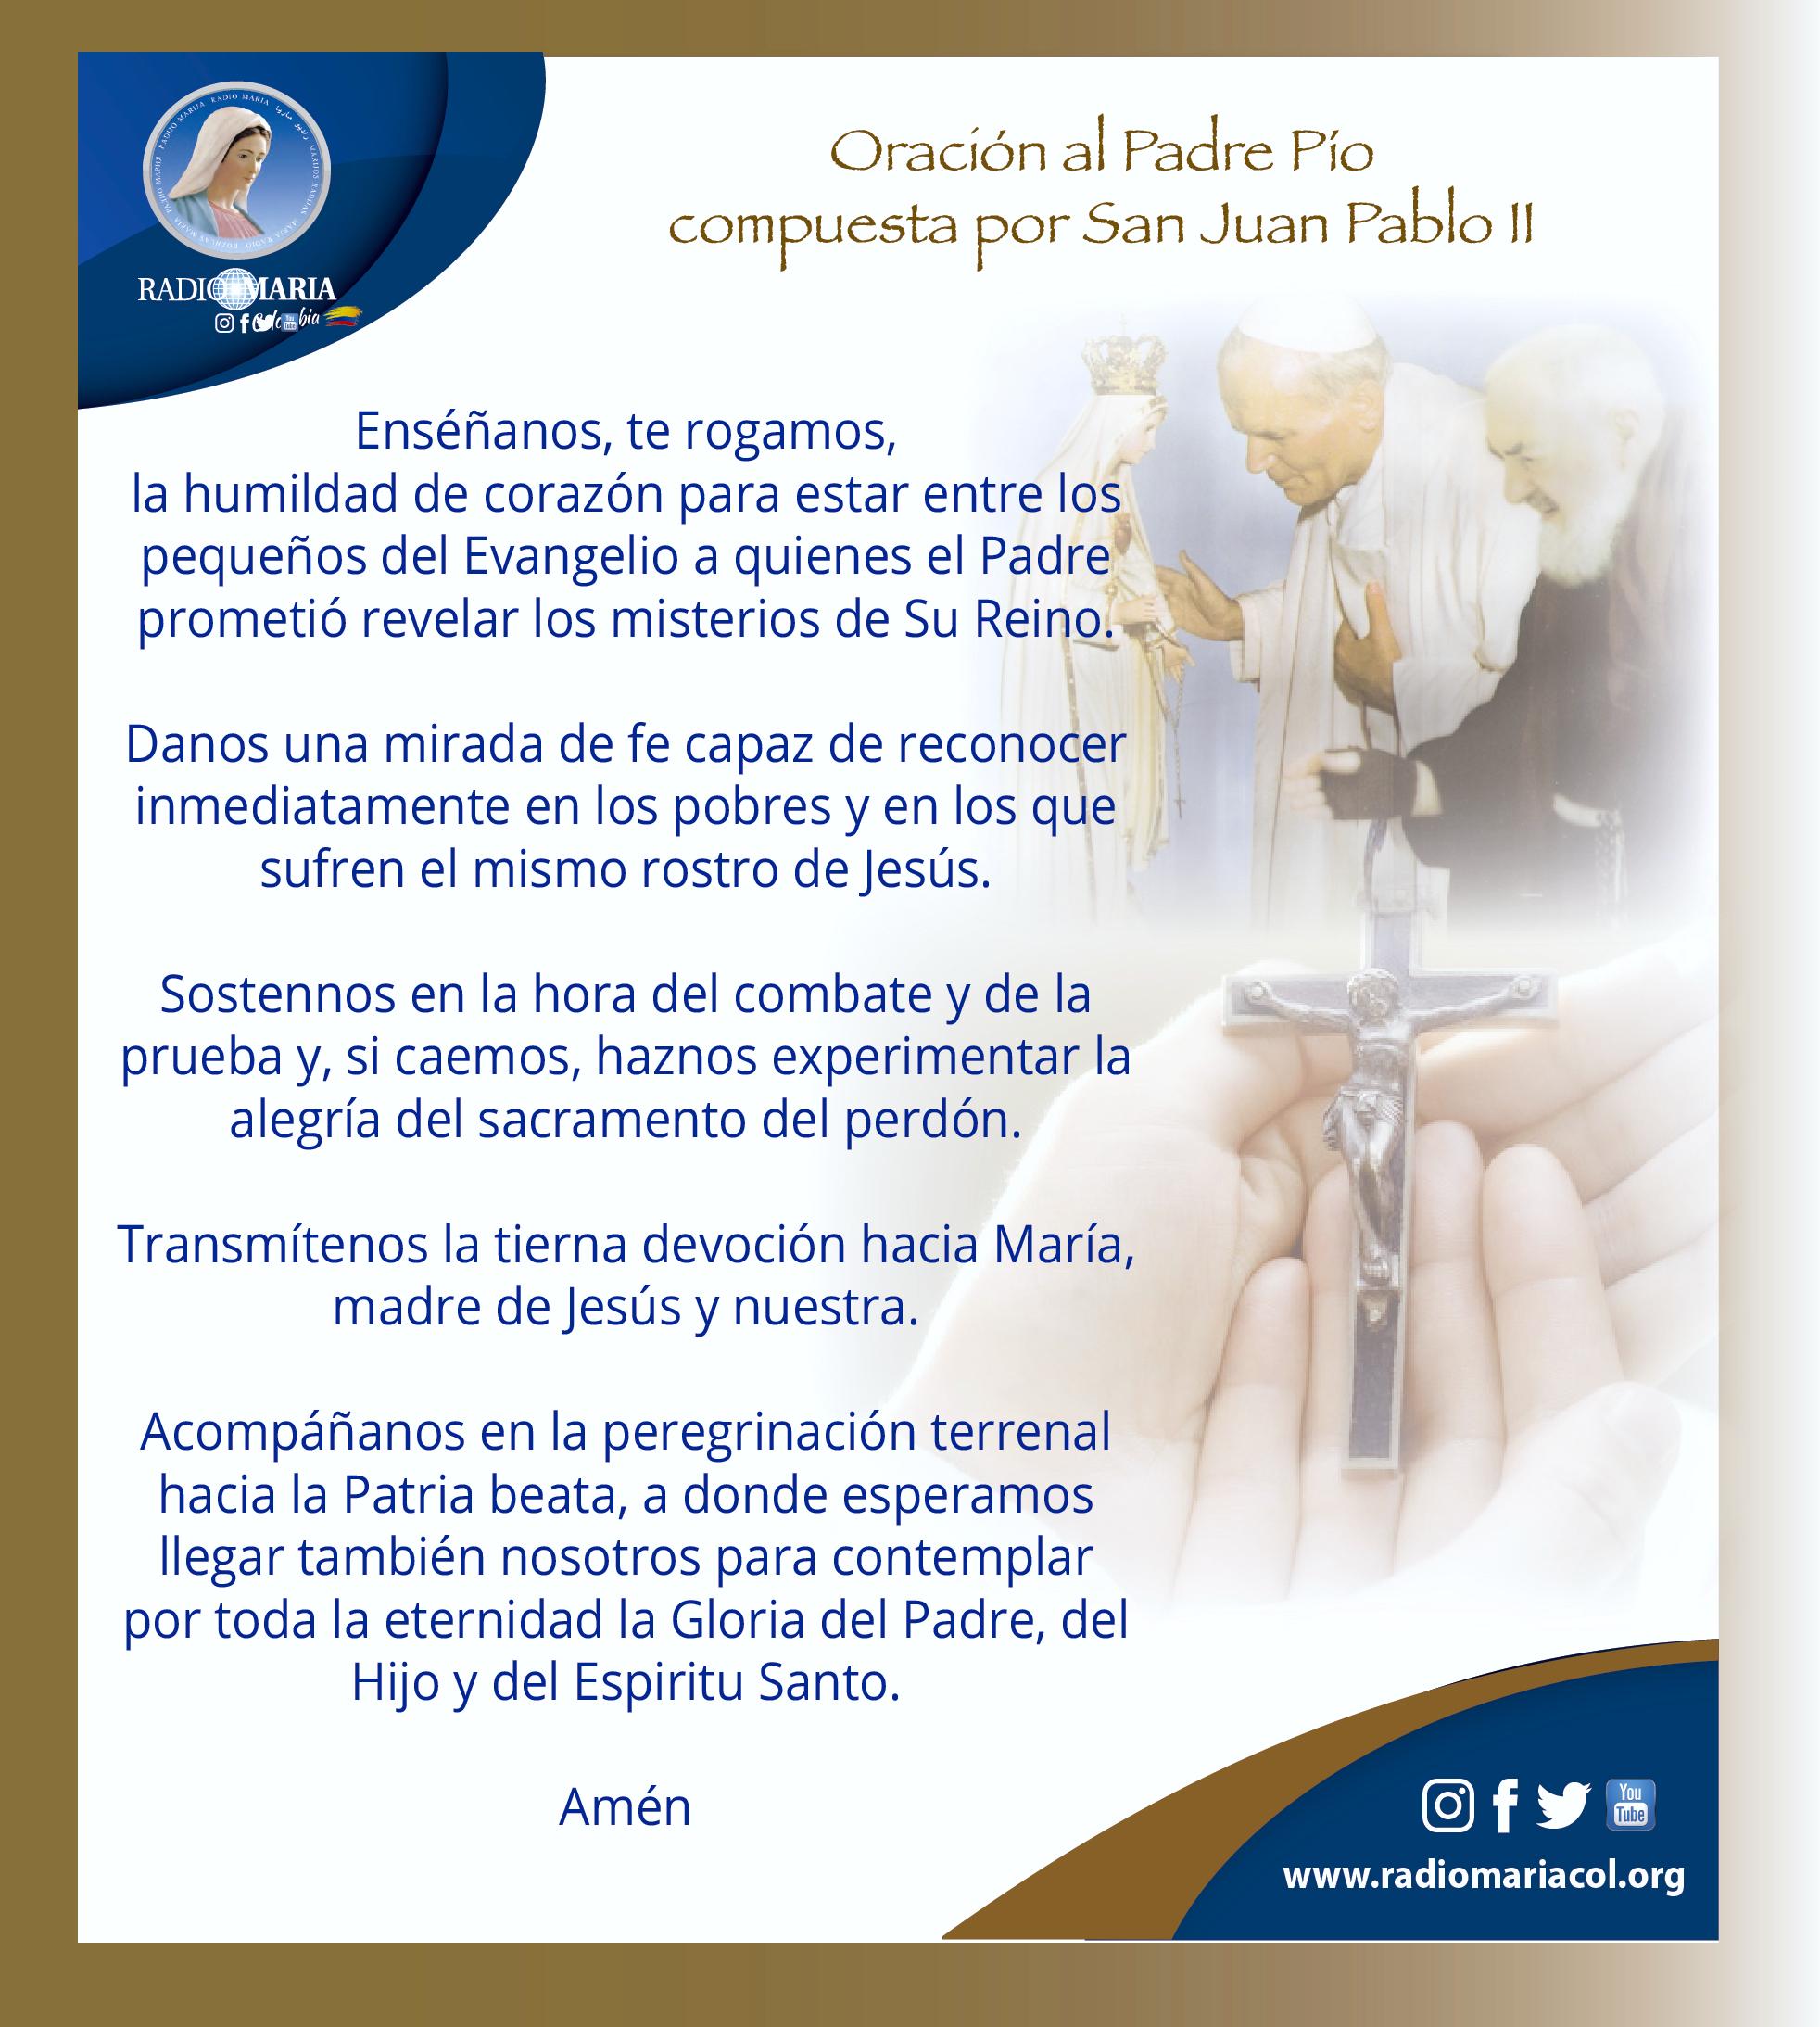 Oración del Padre Pio por el Papa Juan Pablo 2